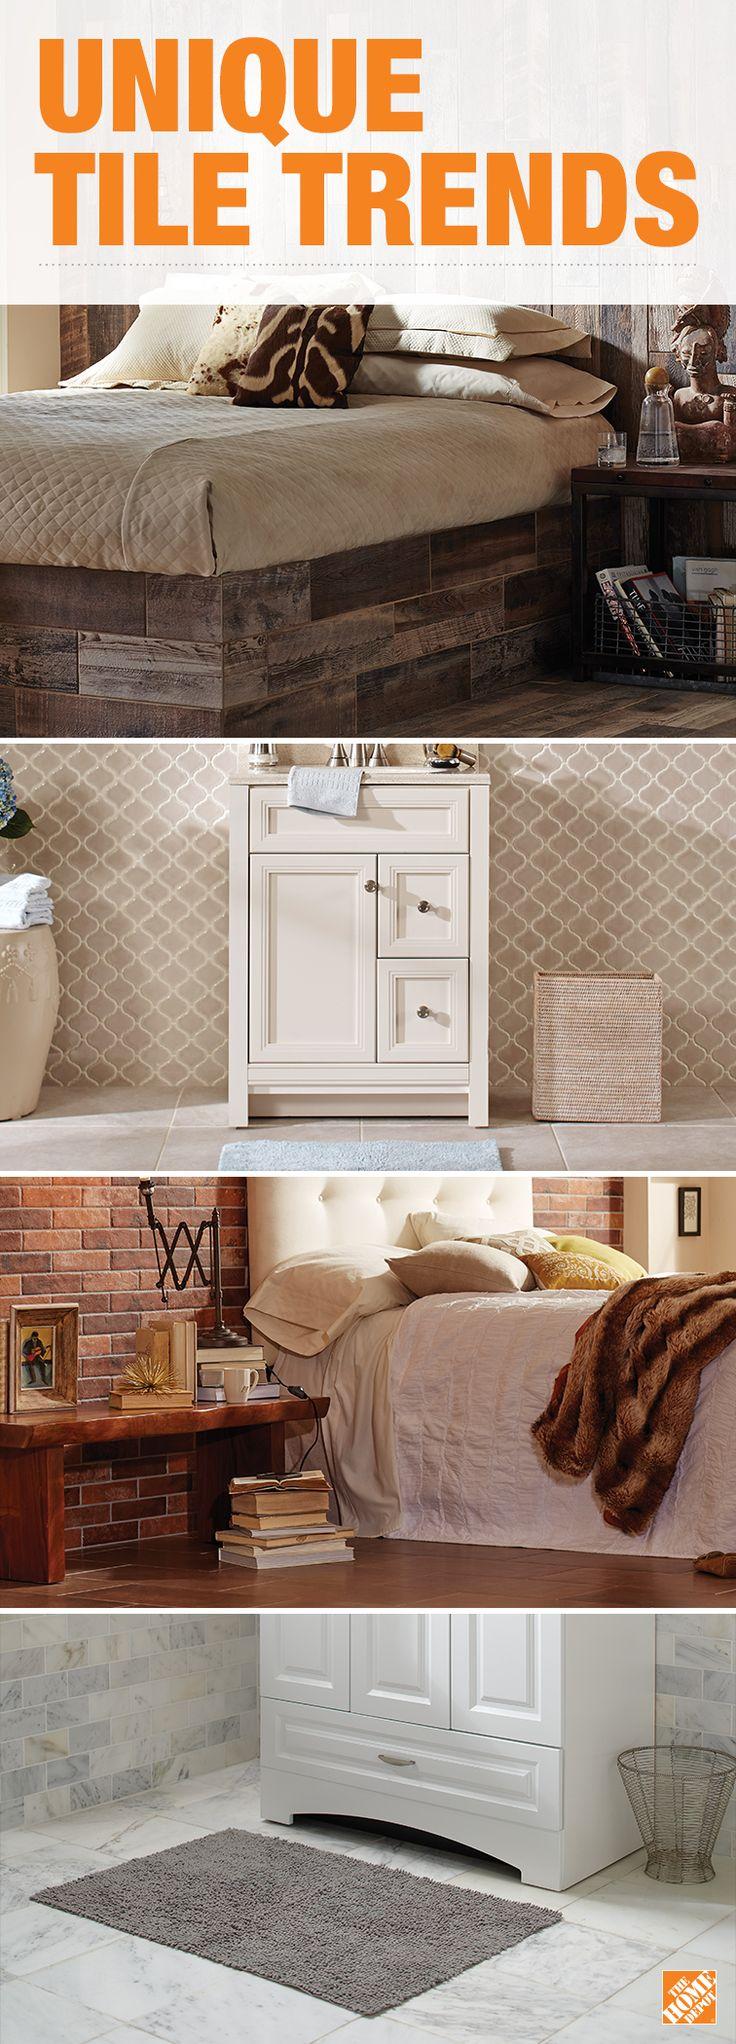 Tile Trends In Bathroom Furniture For 2017: 17 Best Images About Inspiring Tile On Pinterest